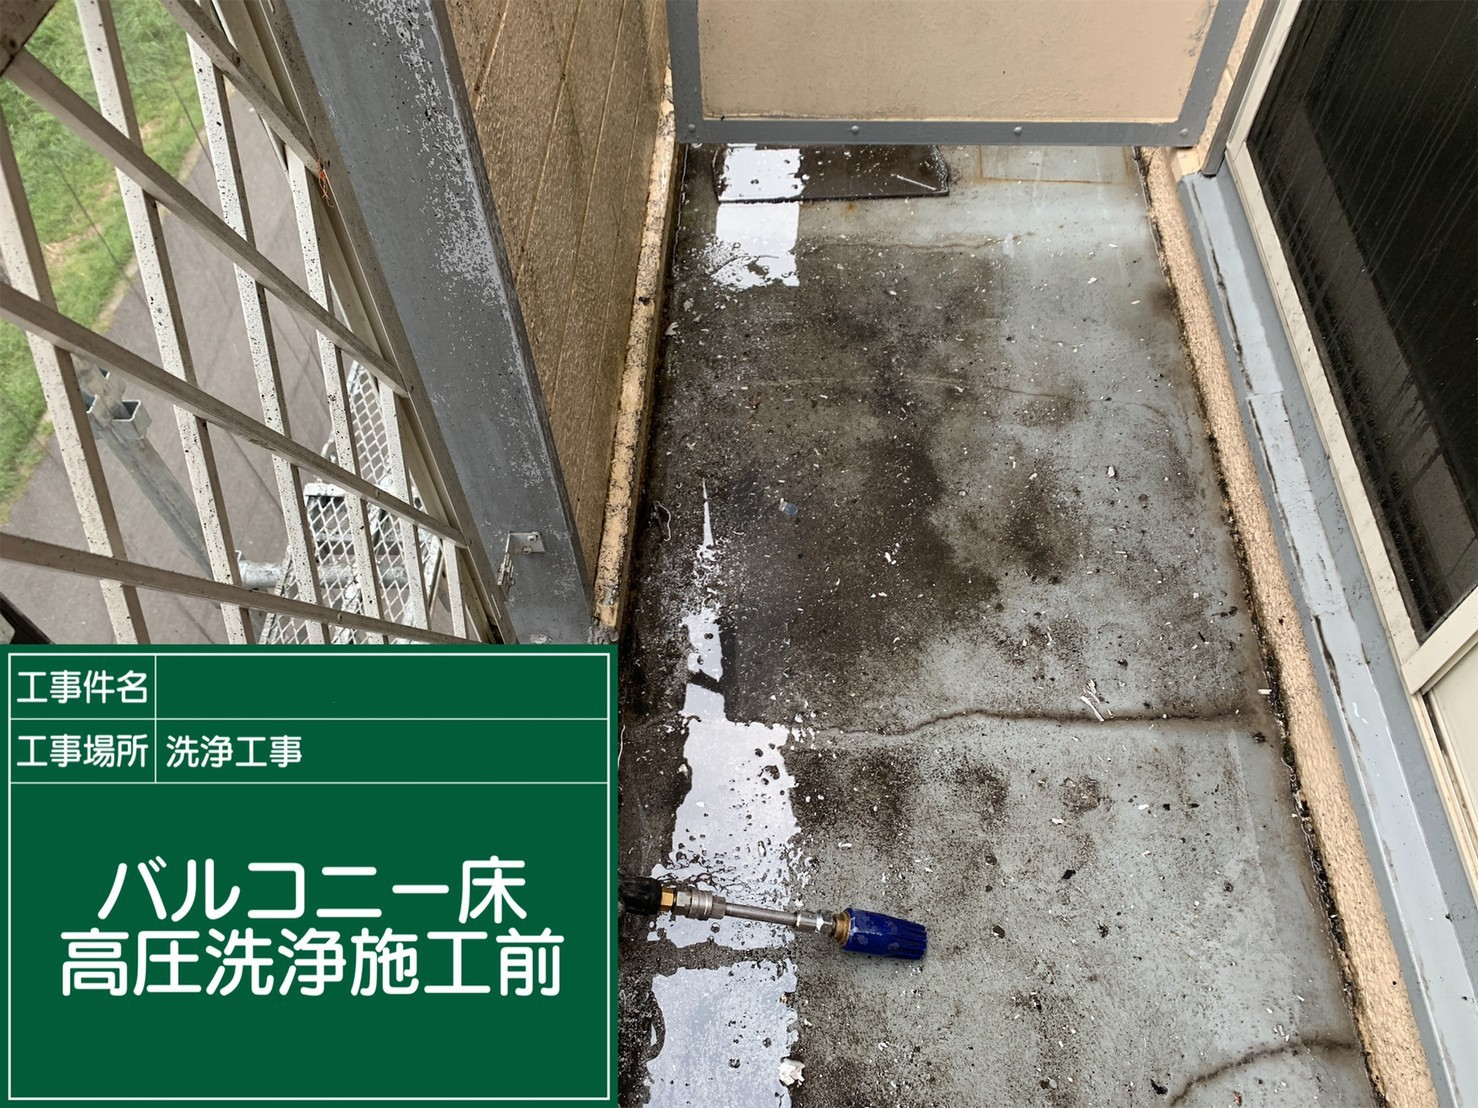 【バルコニー】①施工前